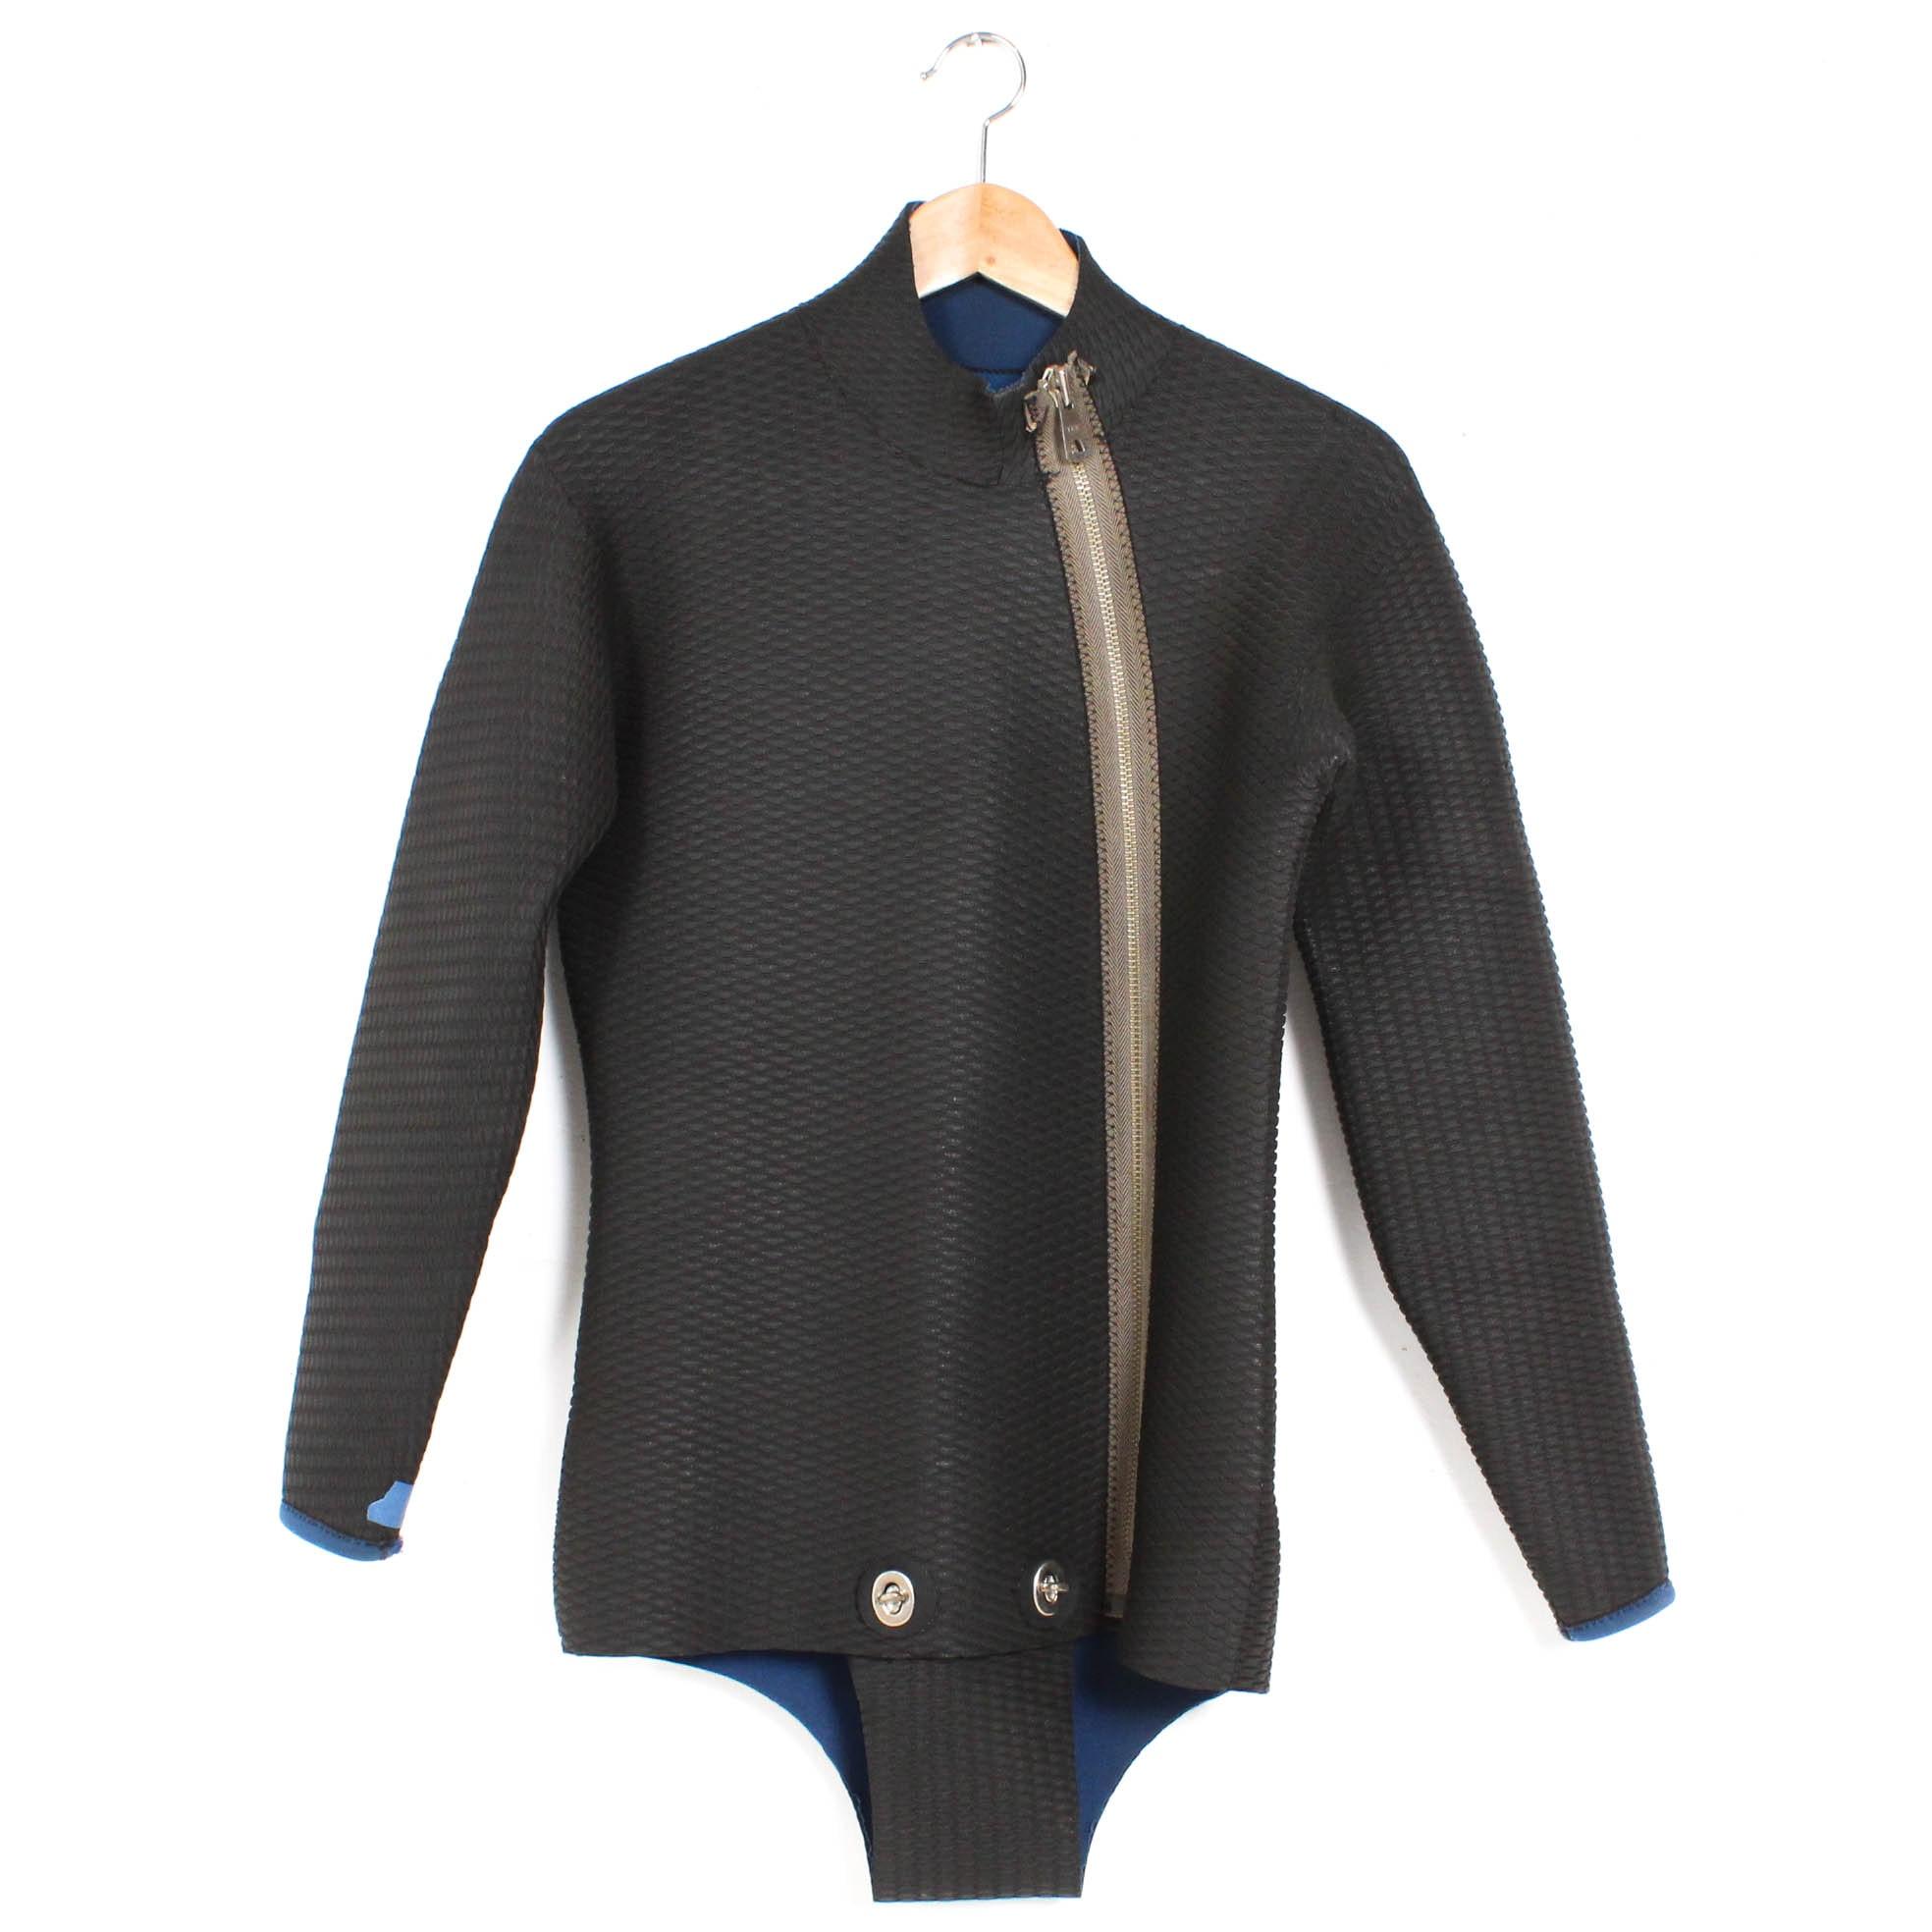 Vintage Scuba Suit